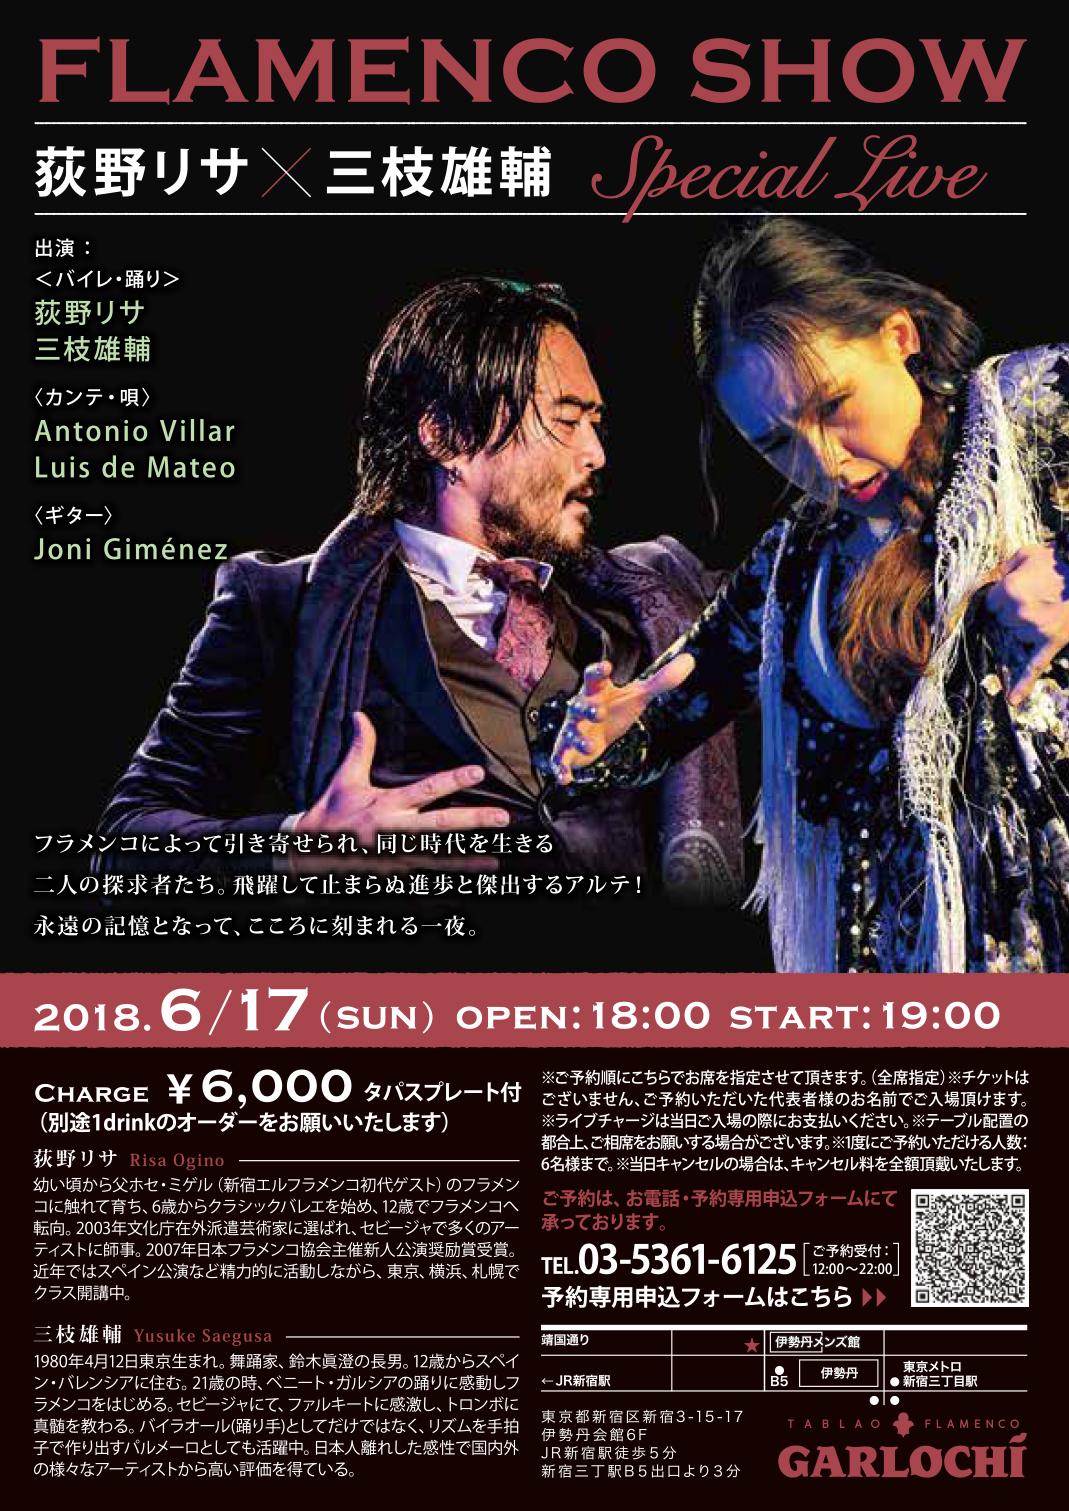 2018年6月17日(日)FLAMENCO SHOW 荻野リサ×三枝雄輔 Specilal Live